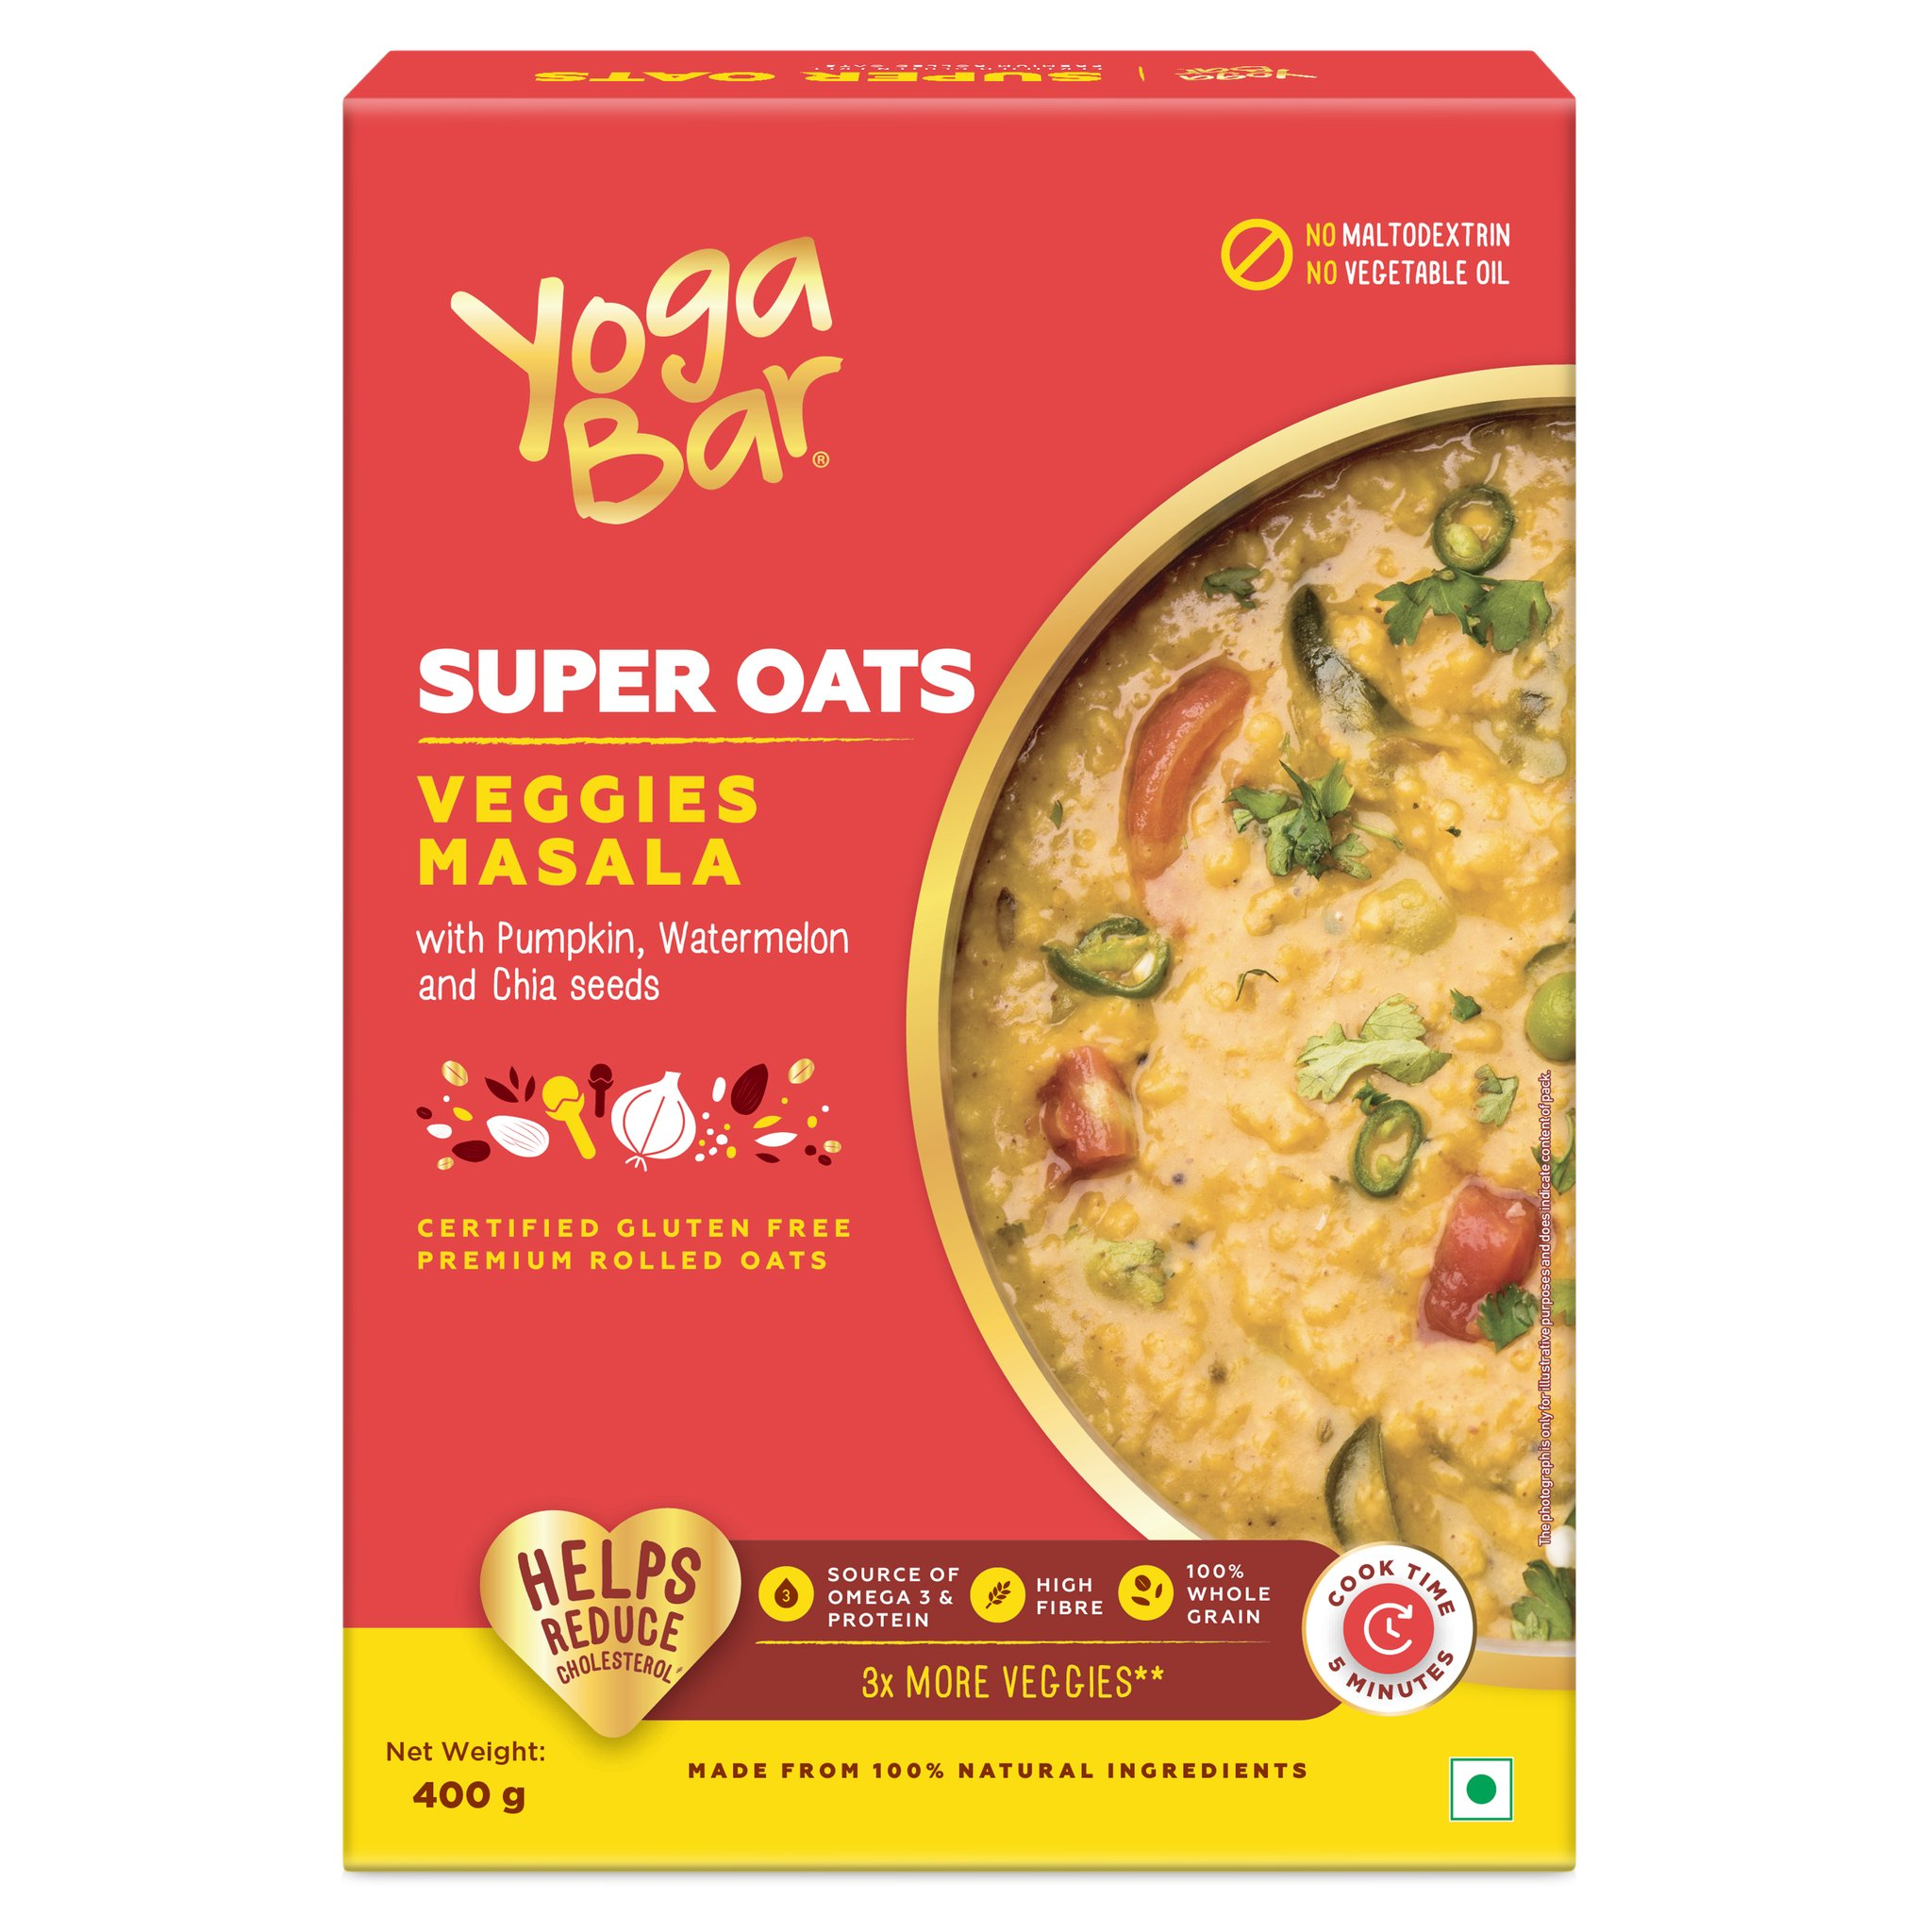 Yoga Bar Super Oats Veggies Masala